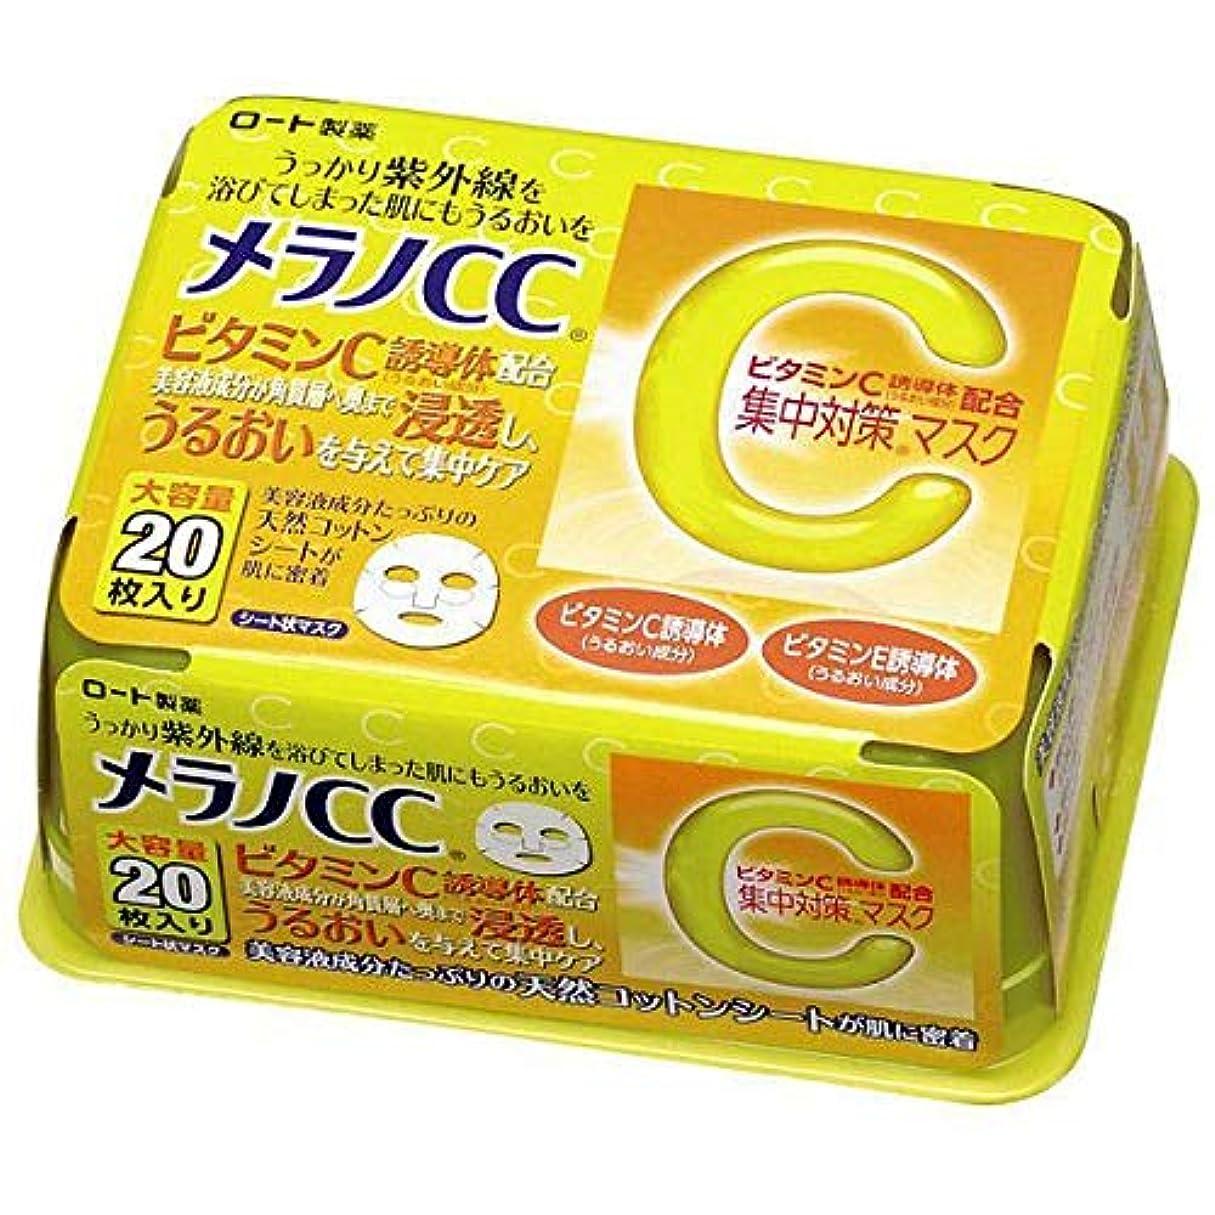 下着代数剣【お徳用】ロート製薬 メラノCC 集中対策マスク 20枚入 パック シートタイプ 大容量タイプ×24点セット (4987241135028)